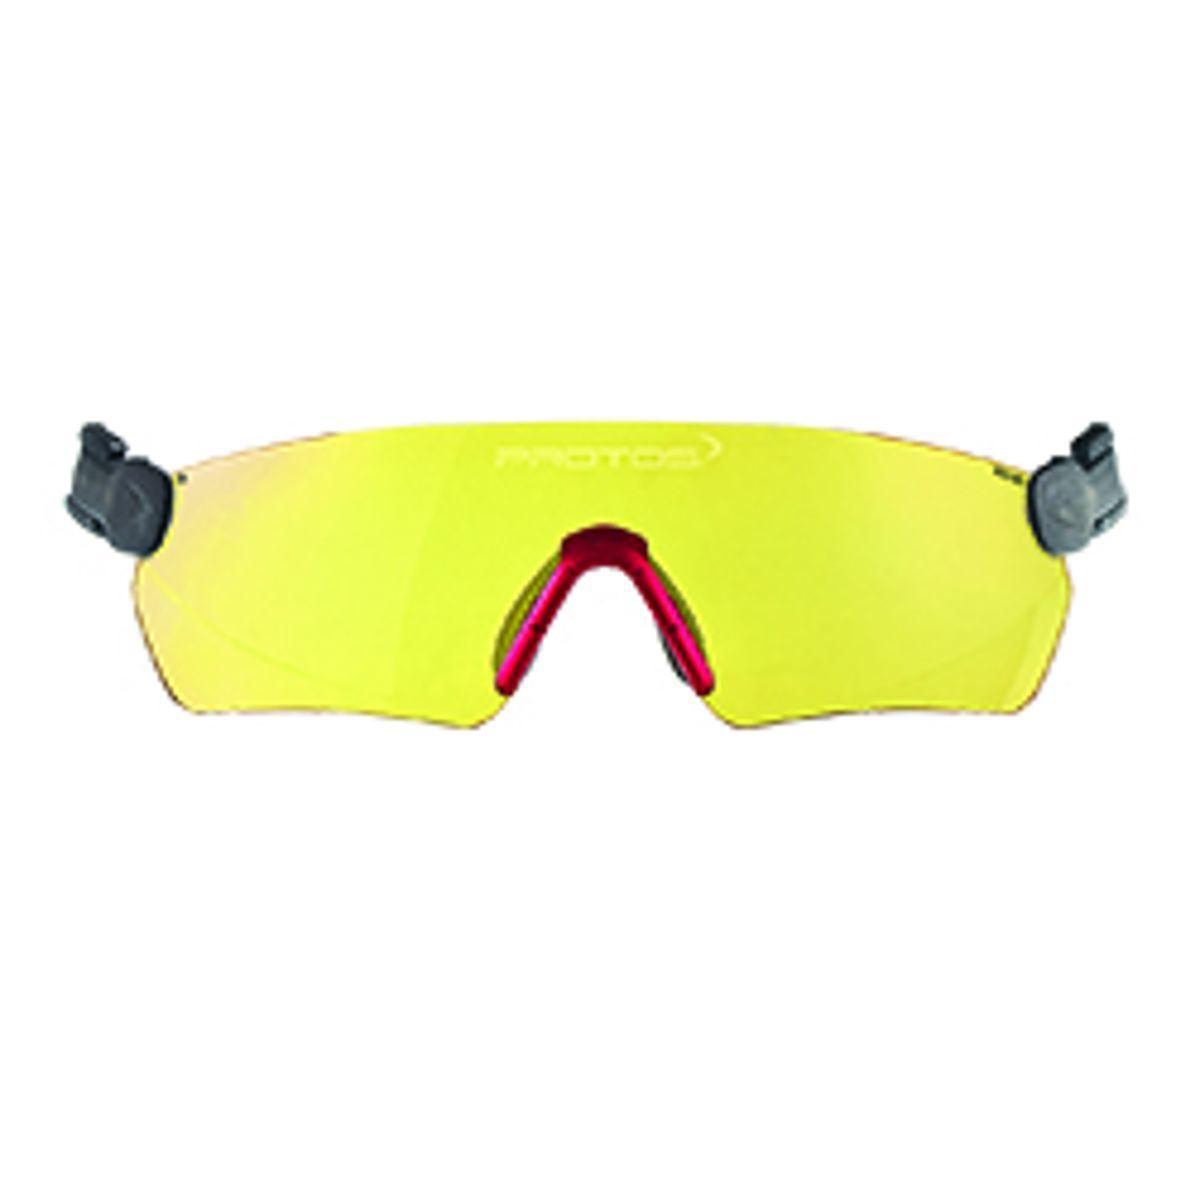 Protos inzet veiligheids bril geel